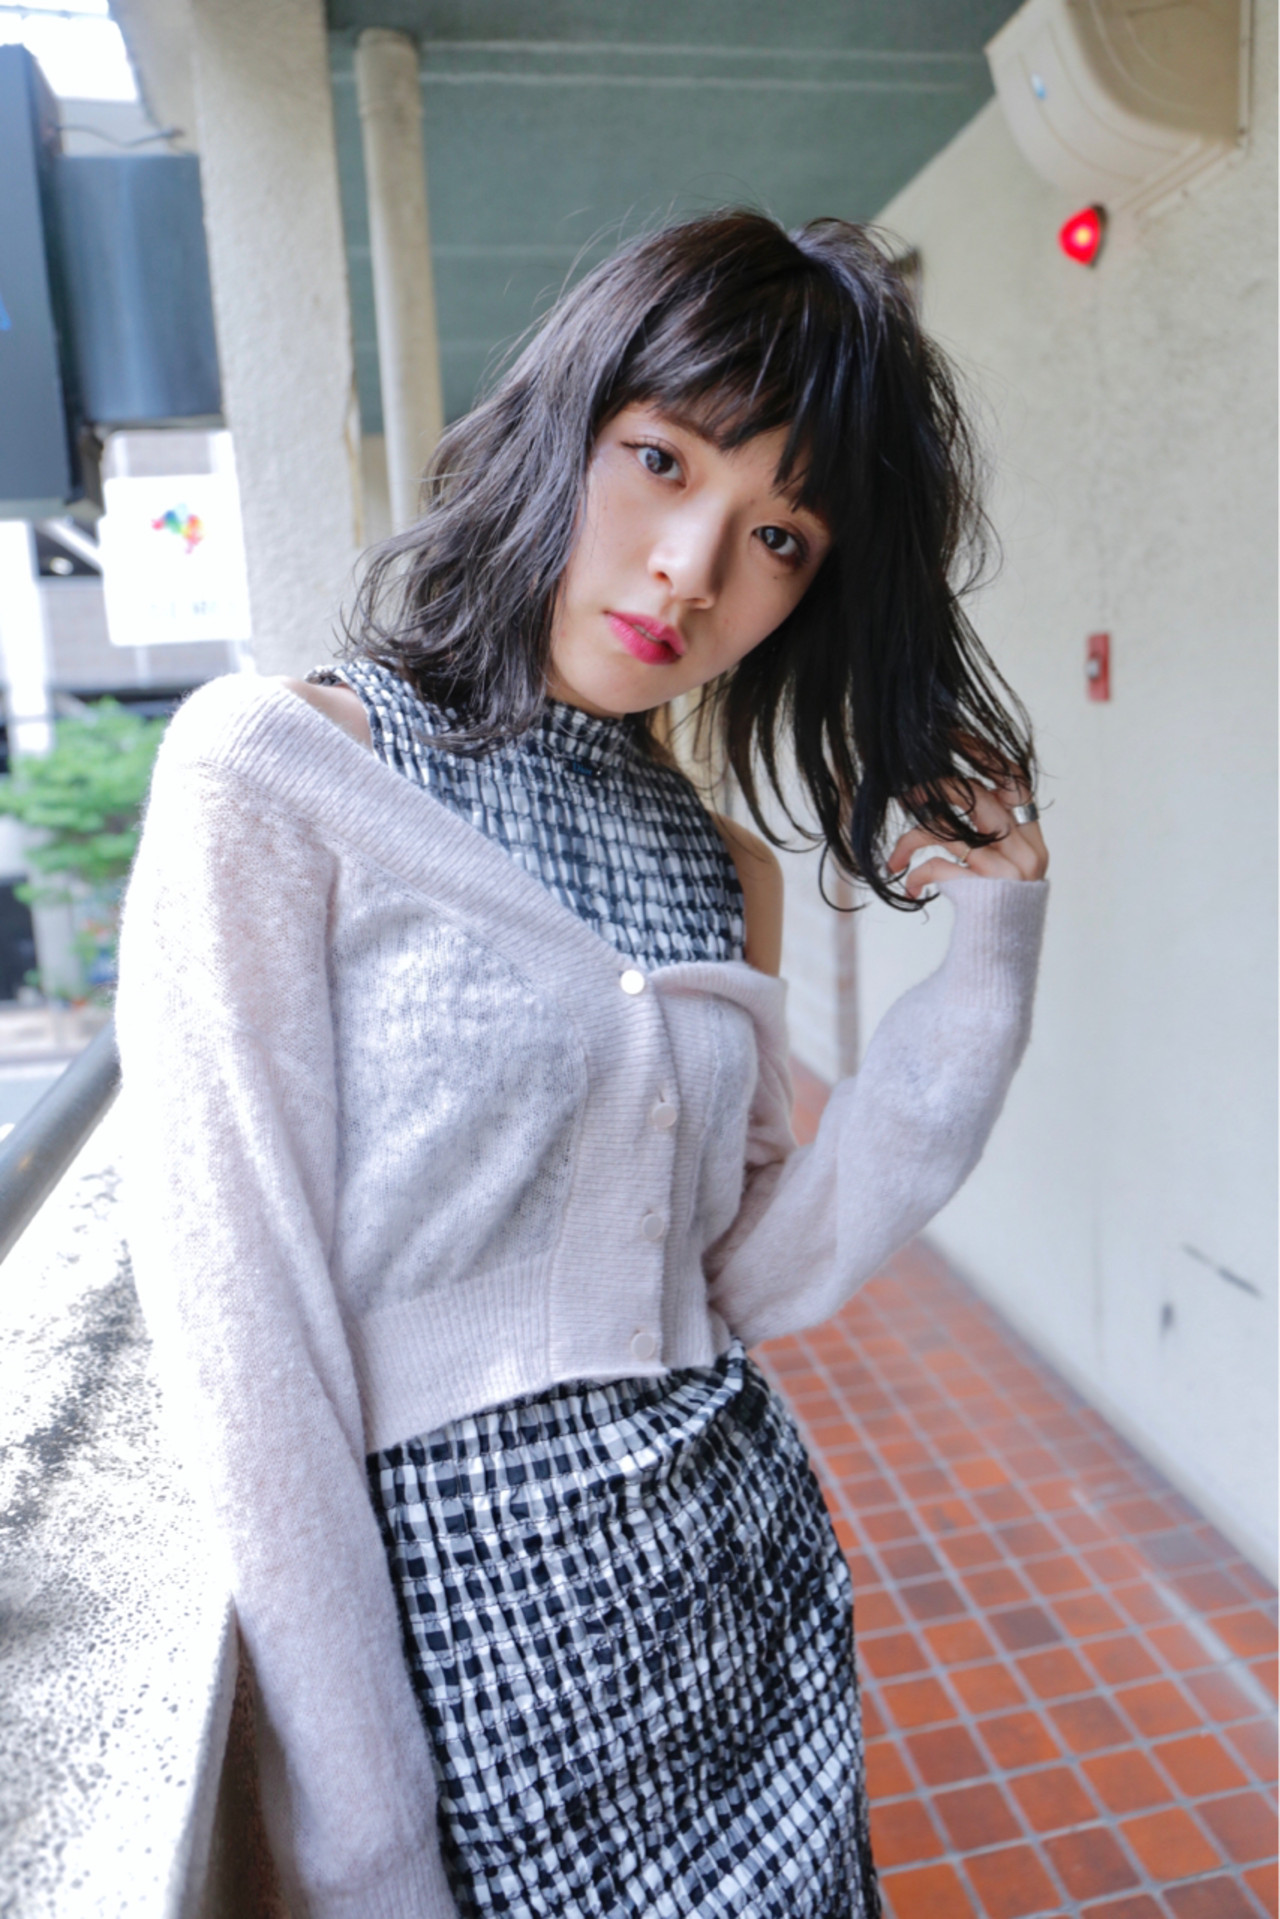 バレイヤージュ ロブ ウェーブ ナチュラル ヘアスタイルや髪型の写真・画像 | Ryota Yamamoto Daisy / Daisy